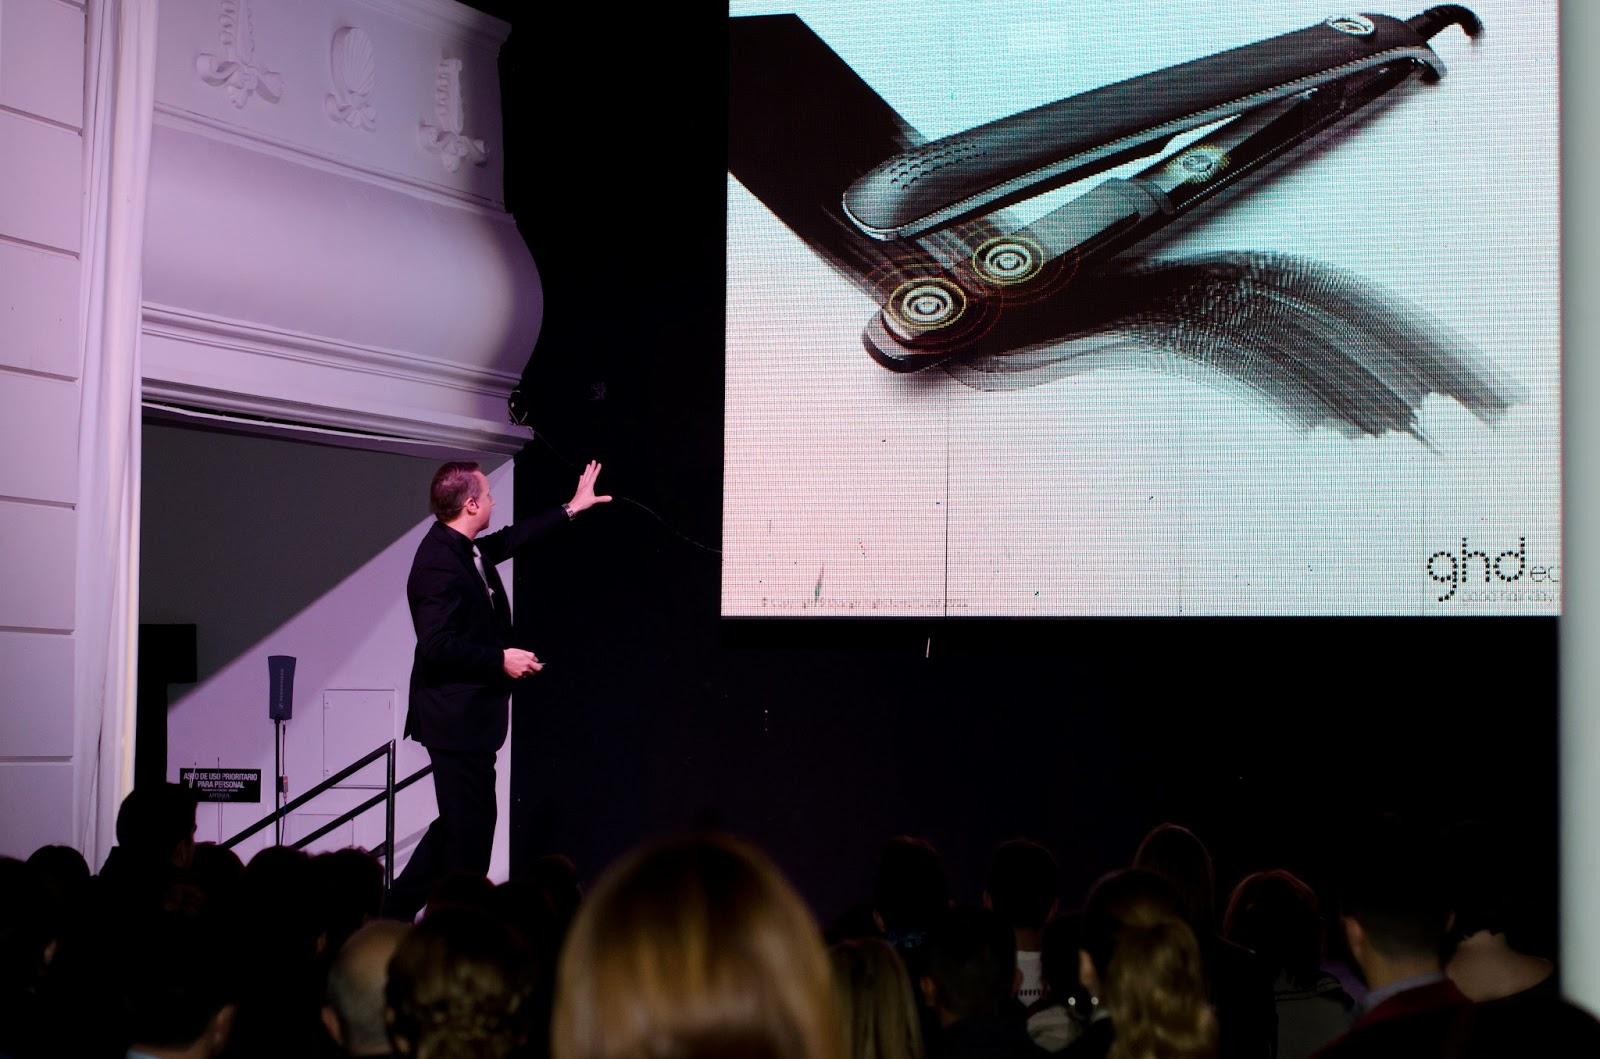 presentación y evento en Sevilla